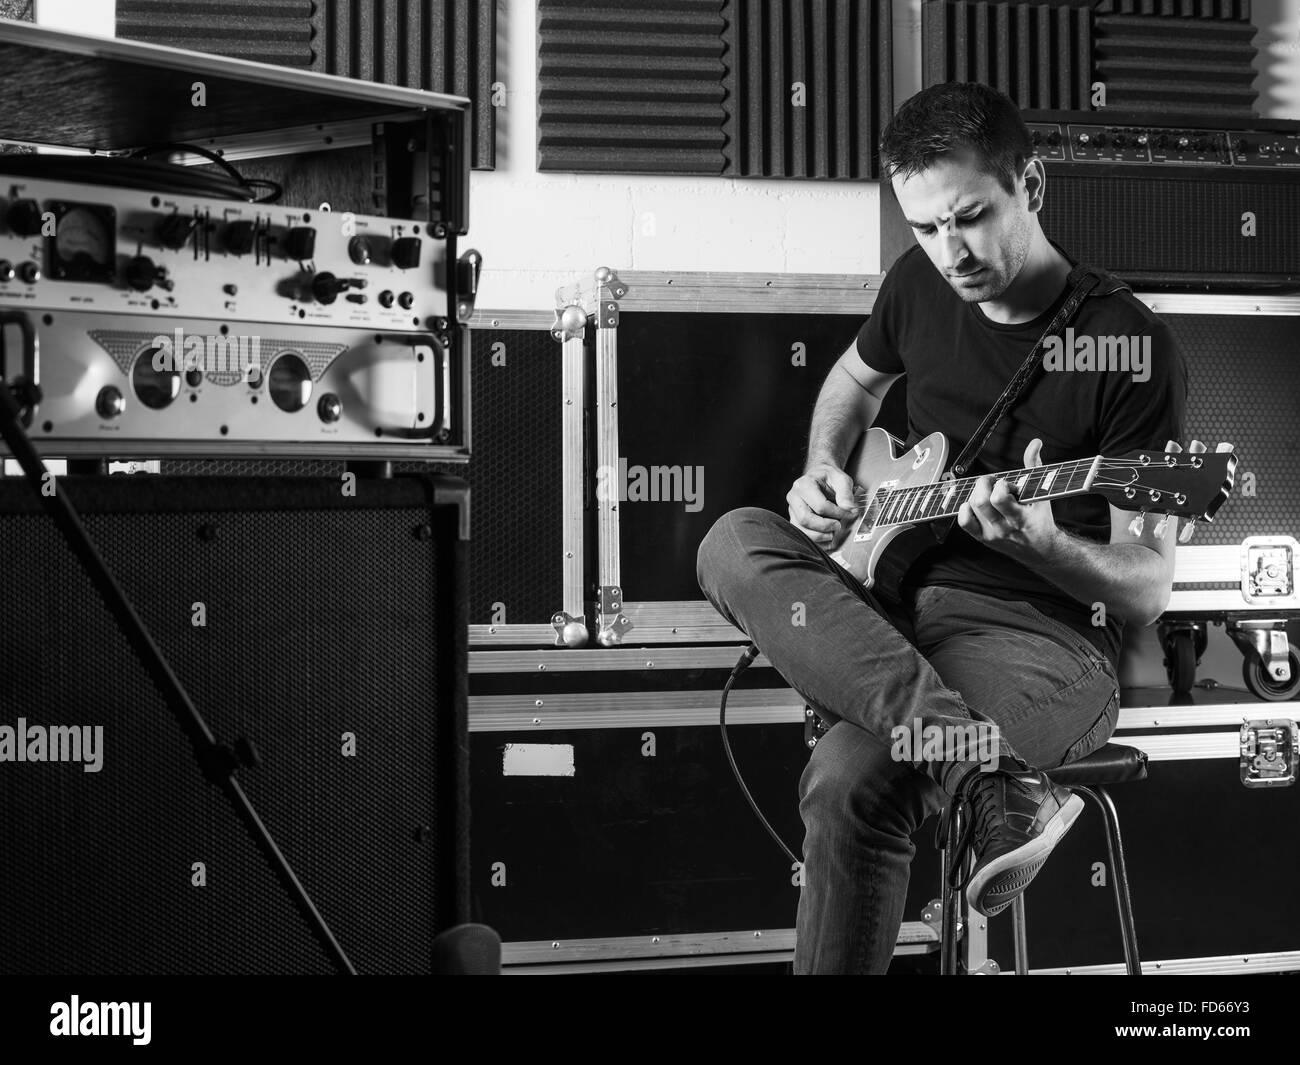 Foto von einem Mann sitzen backstage seine Gitarre zu üben. Stockbild